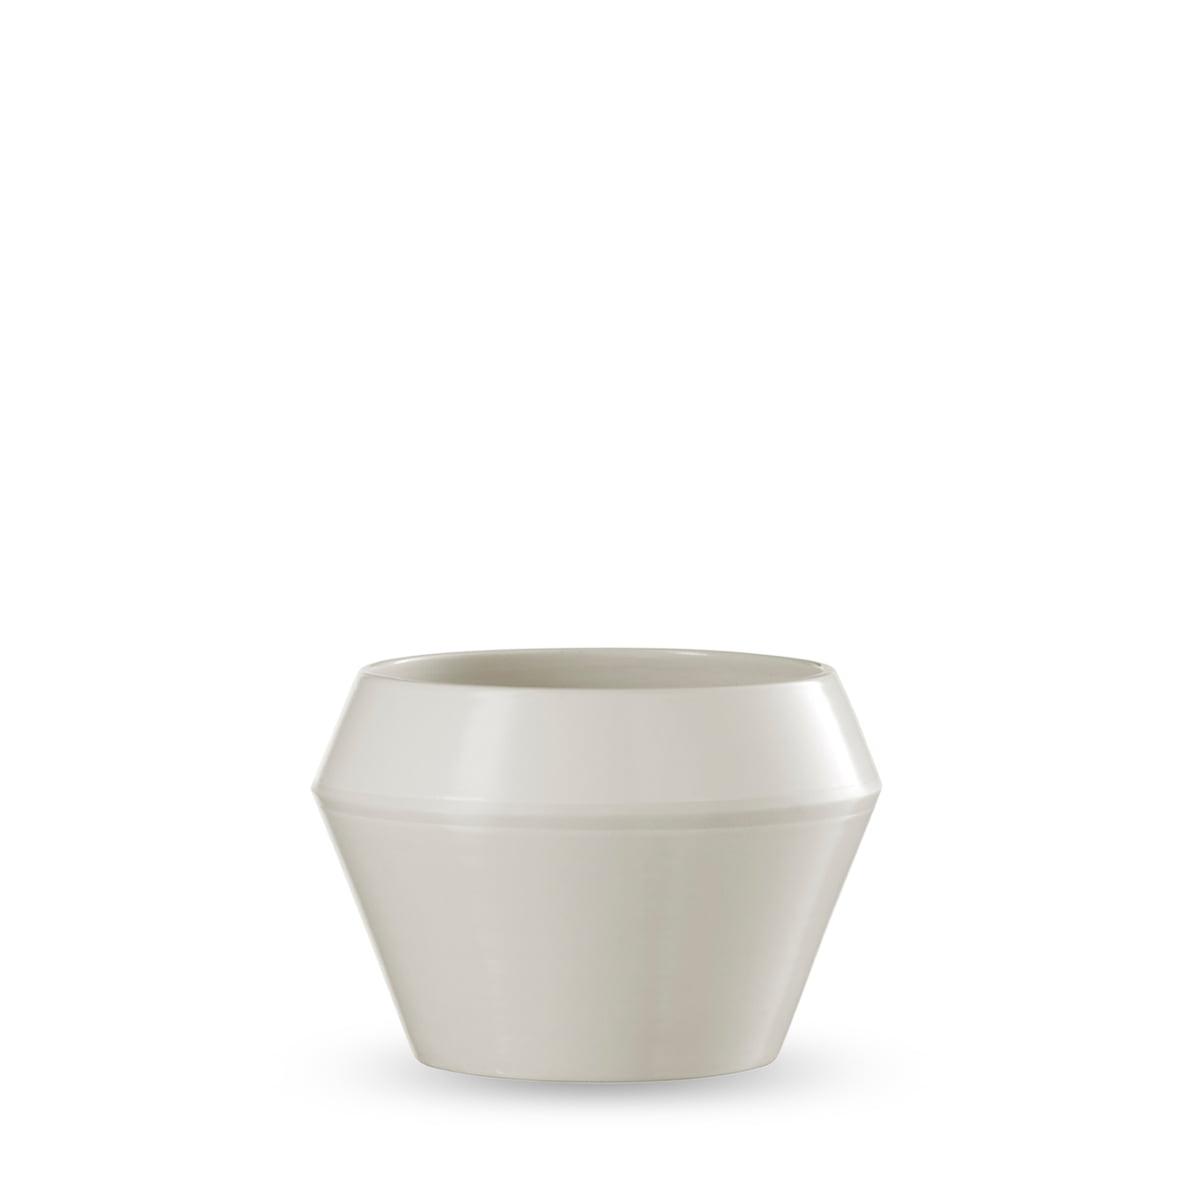 Rimm Flower Pot Small By Lassen